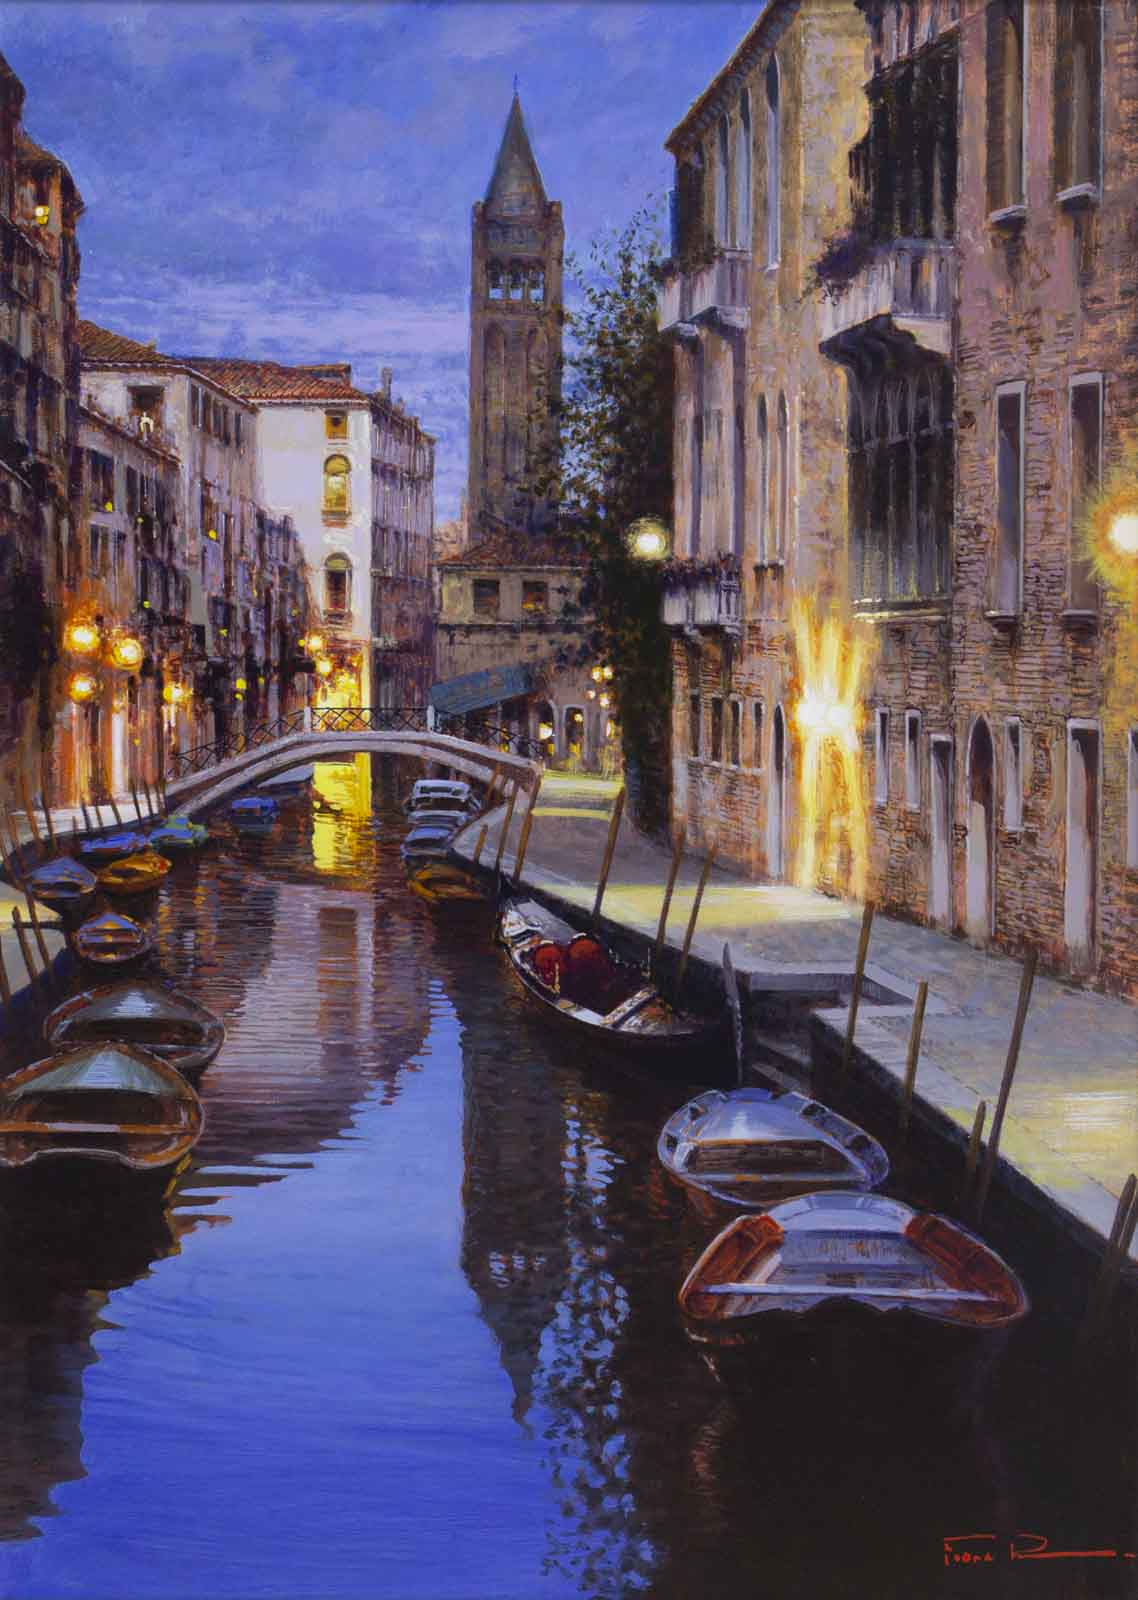 Venice Illuminated